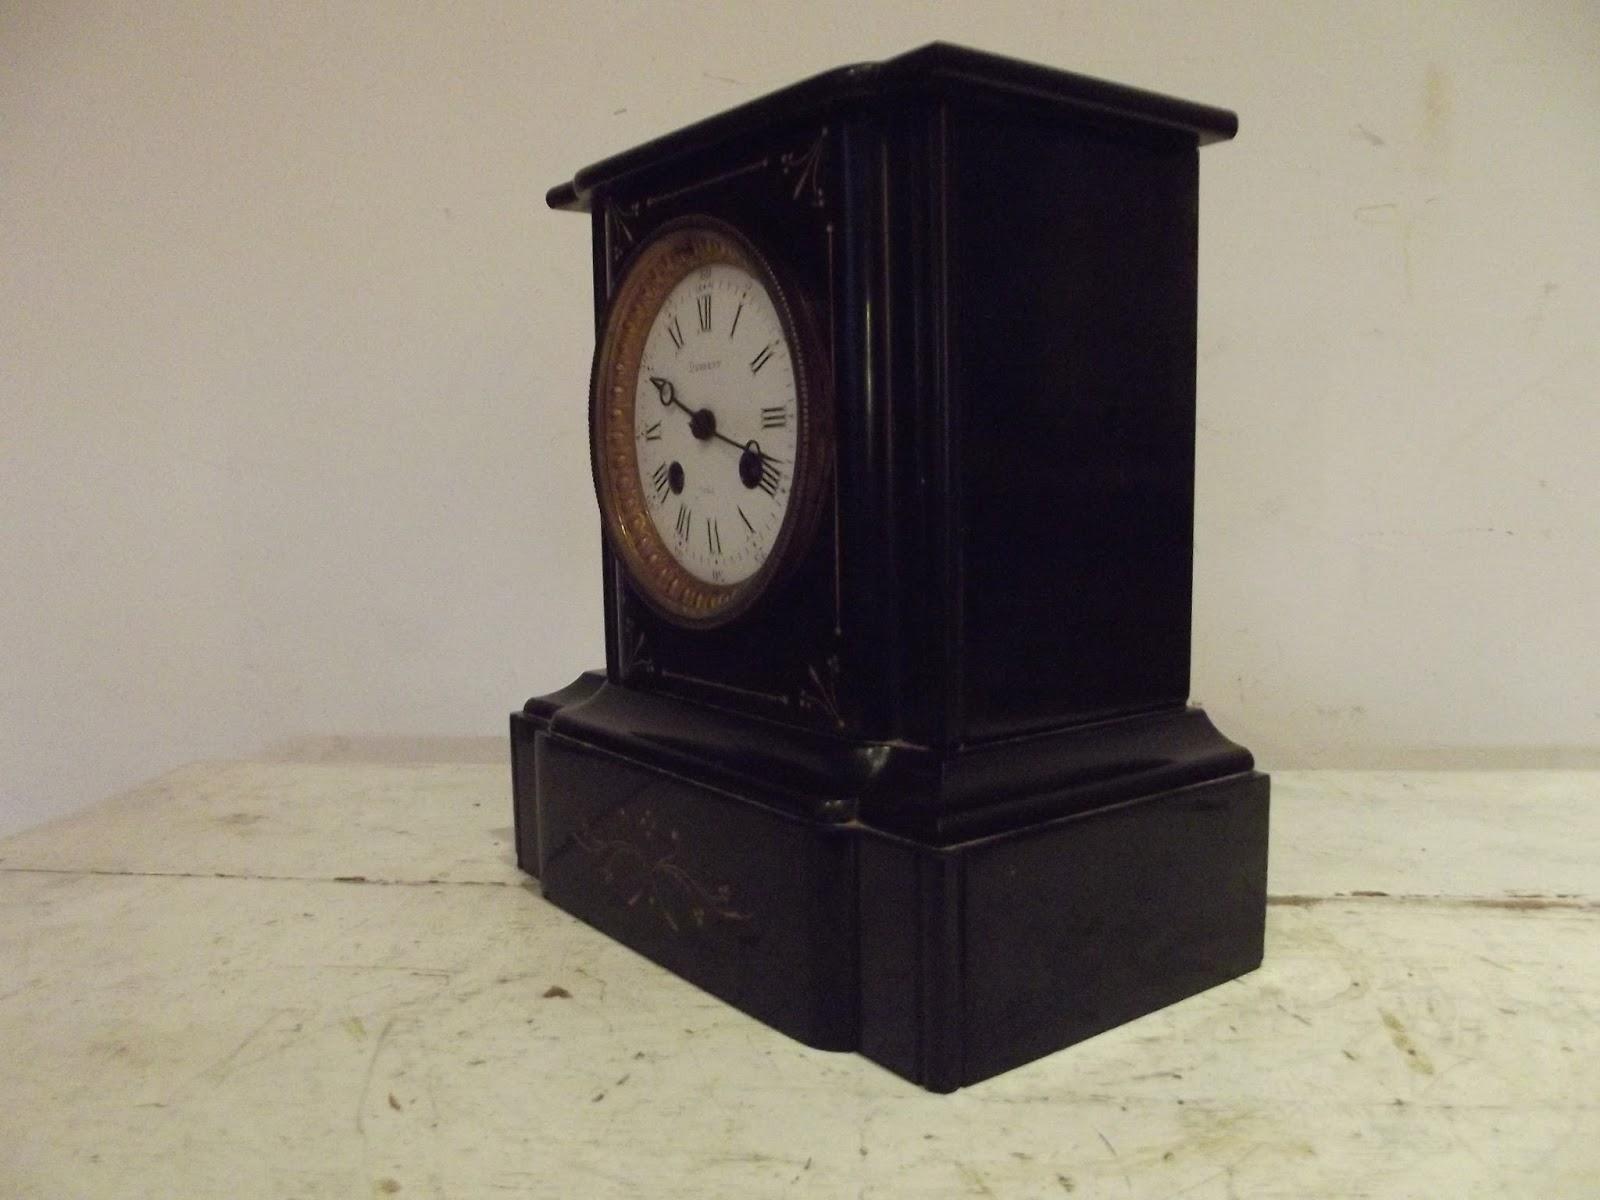 Favori pendule marbre noir napoléon III ancien mécanisme d'horlogerie clé  OK02